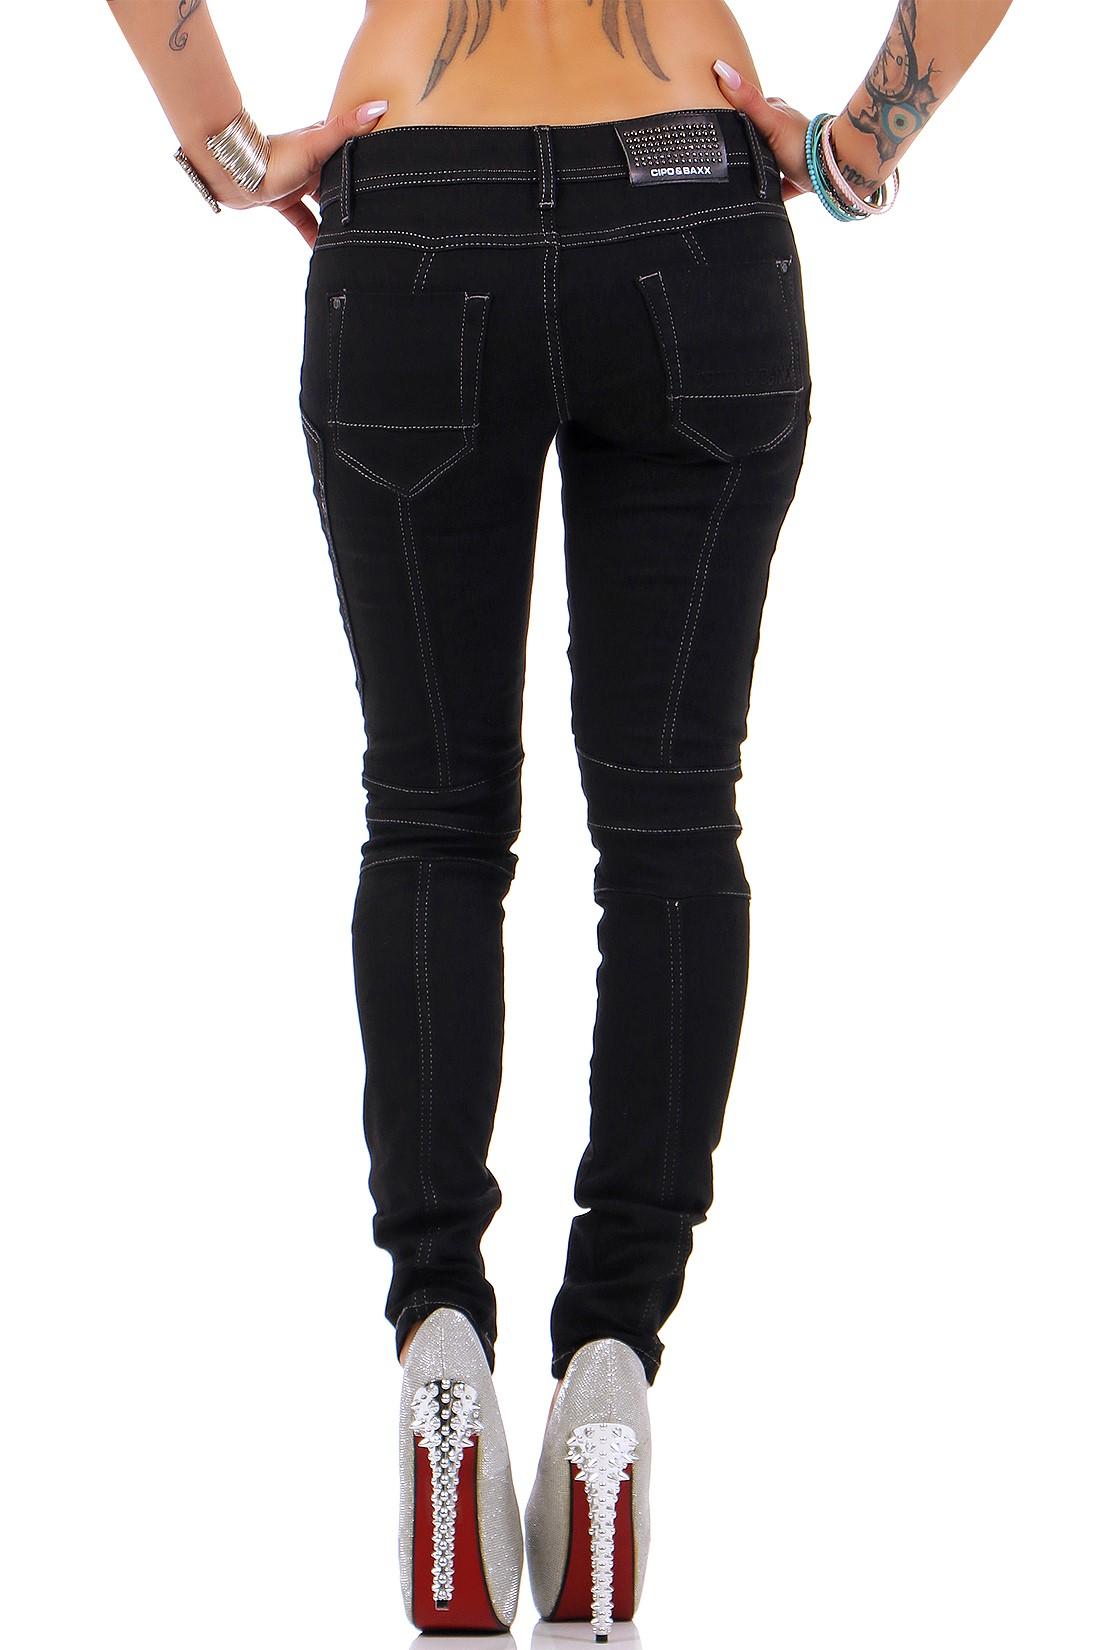 Verschiedene-Cipo-amp-Baxx-Damen-Jeans-Hosen-Slim-Fit-Regular-Fit-Streetwear Indexbild 56